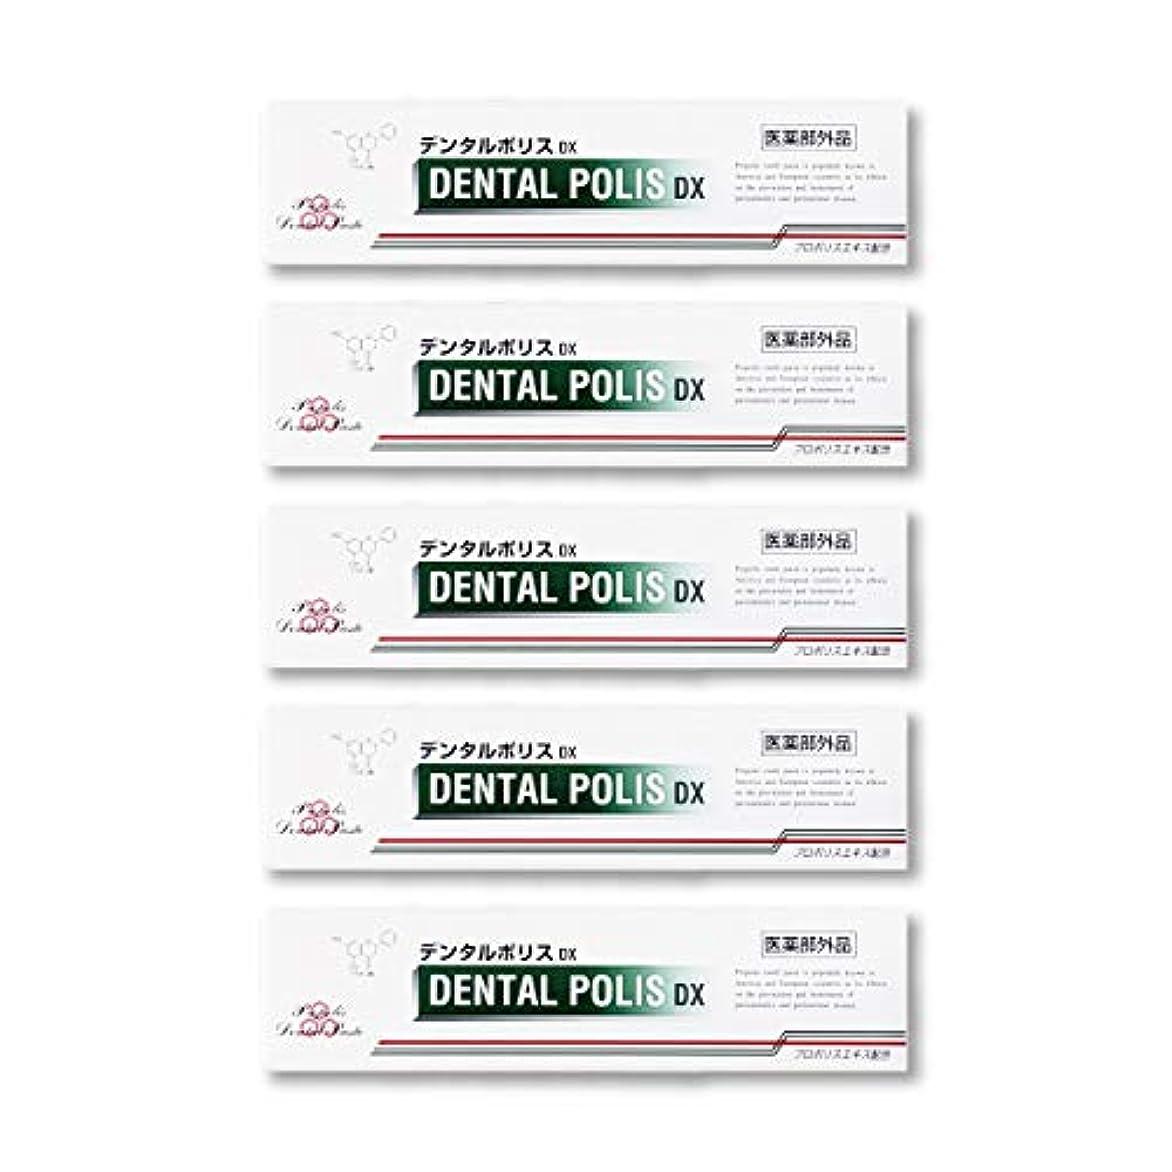 触手所持パークデンタルポリスDX  80g   5本セット 医薬部外品  歯みがき